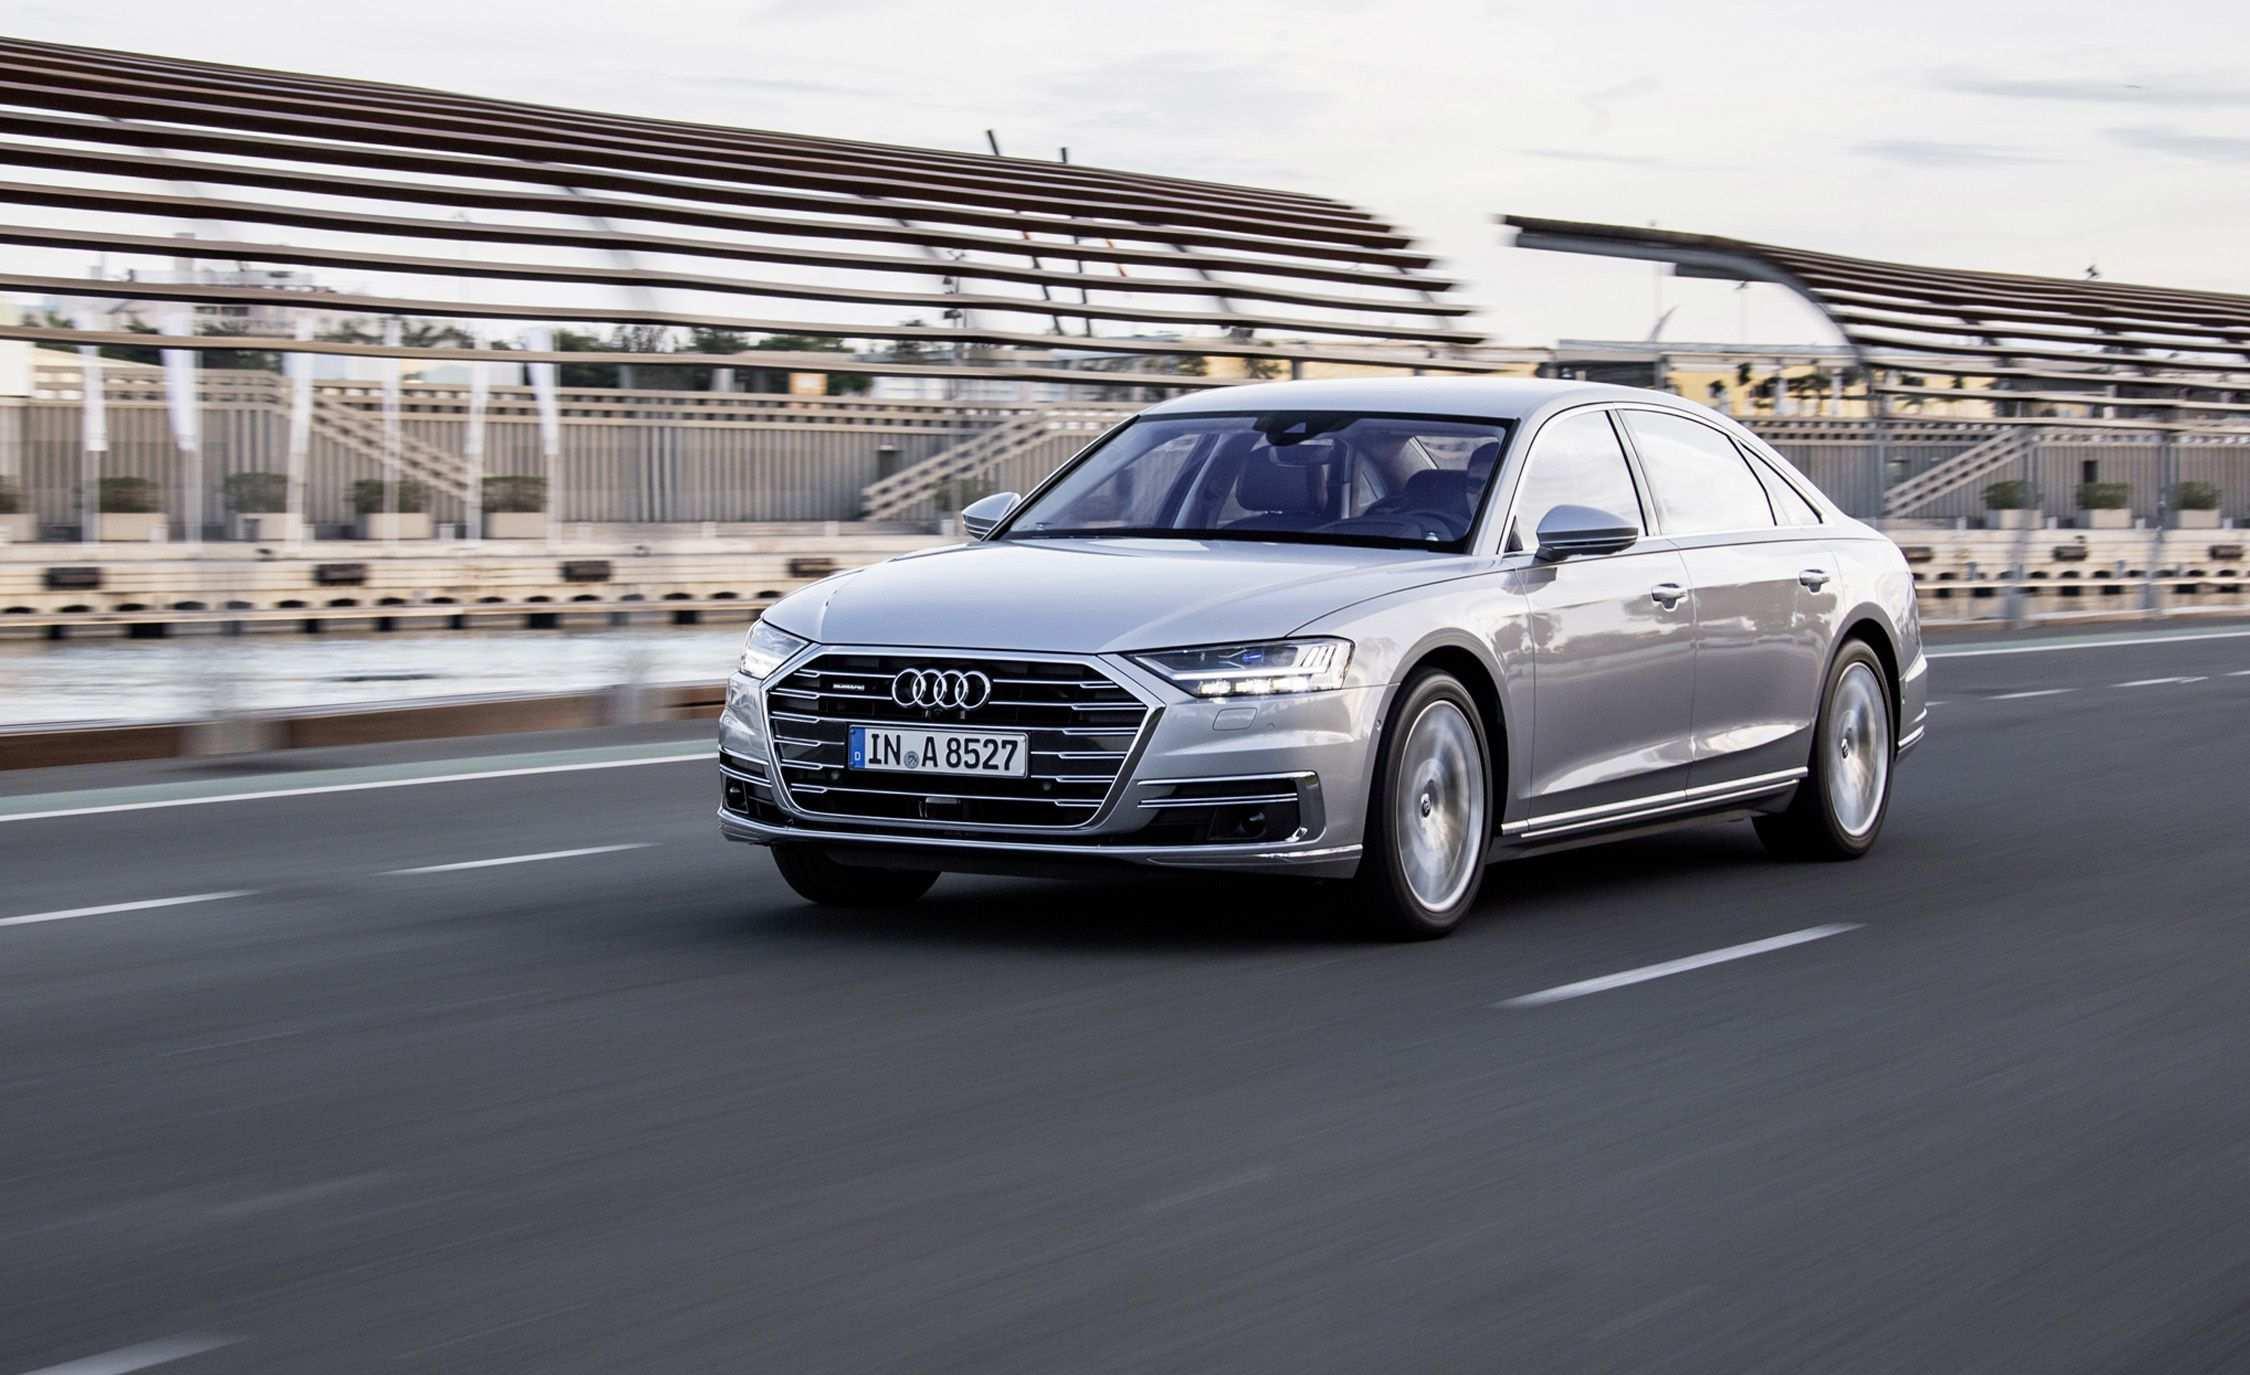 43 Best Review Audi W8 2019 Concept Concept for Audi W8 2019 Concept